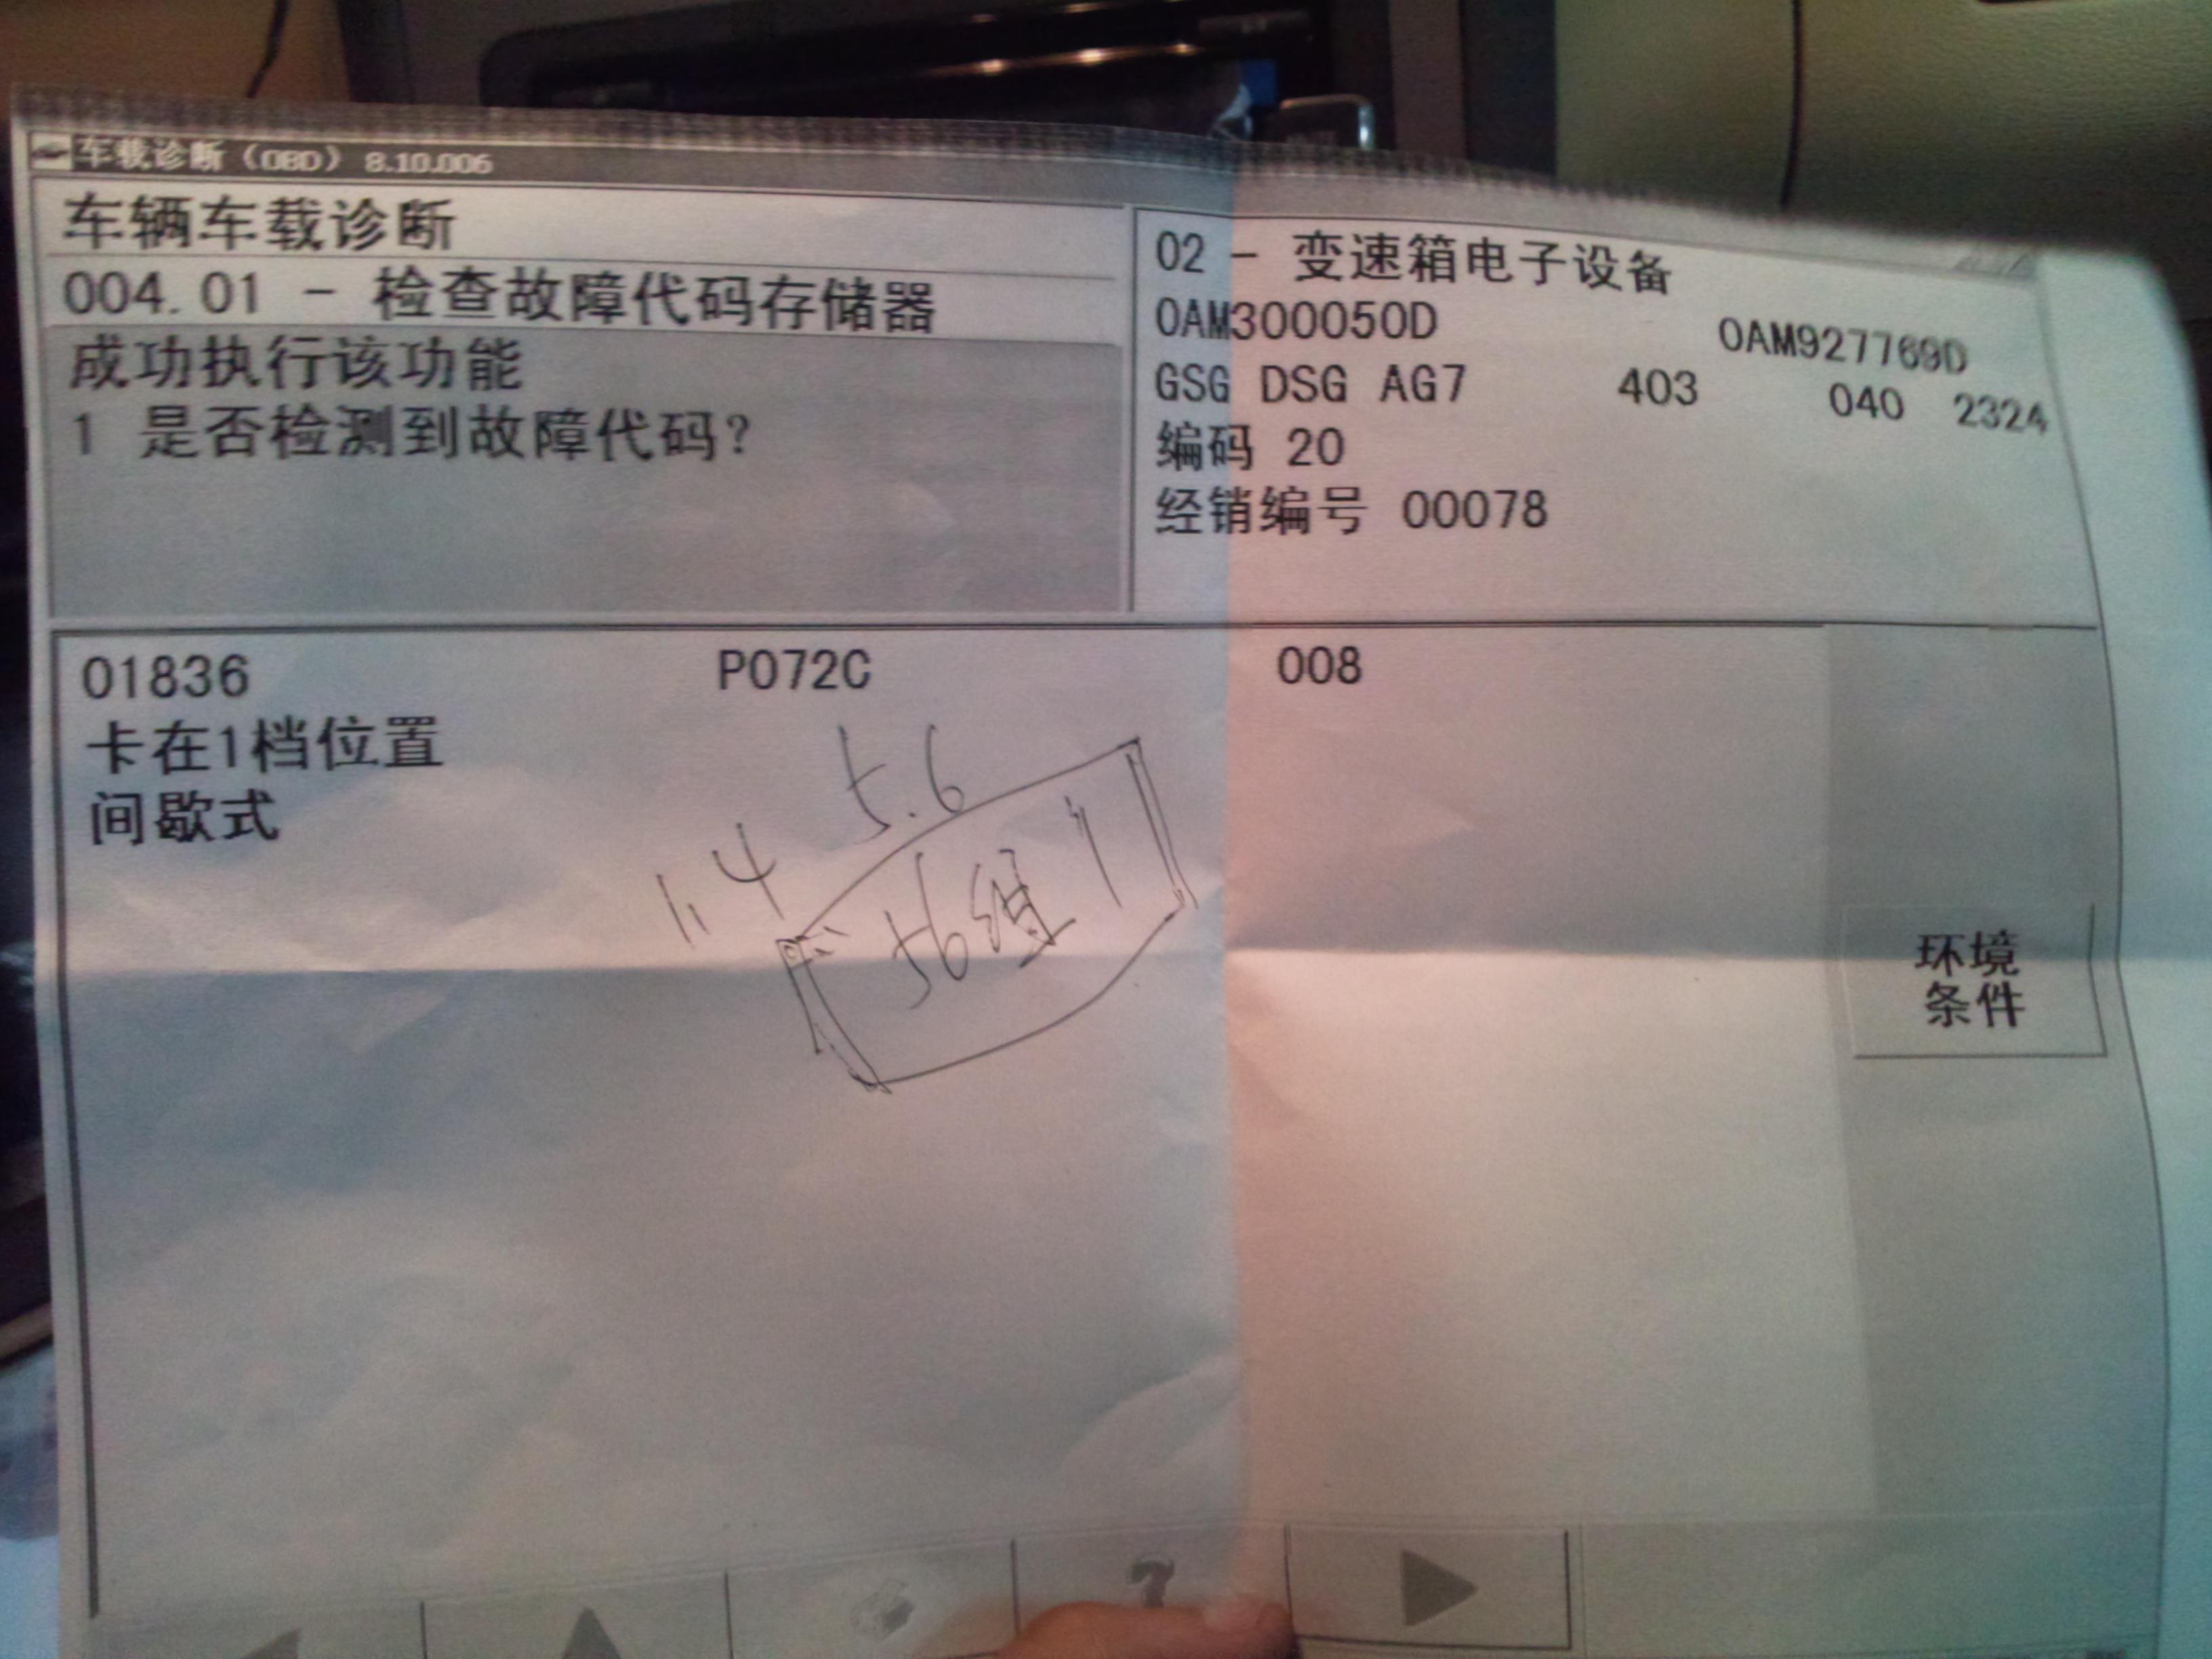 上海大众2011款新途安dsg变速箱故障